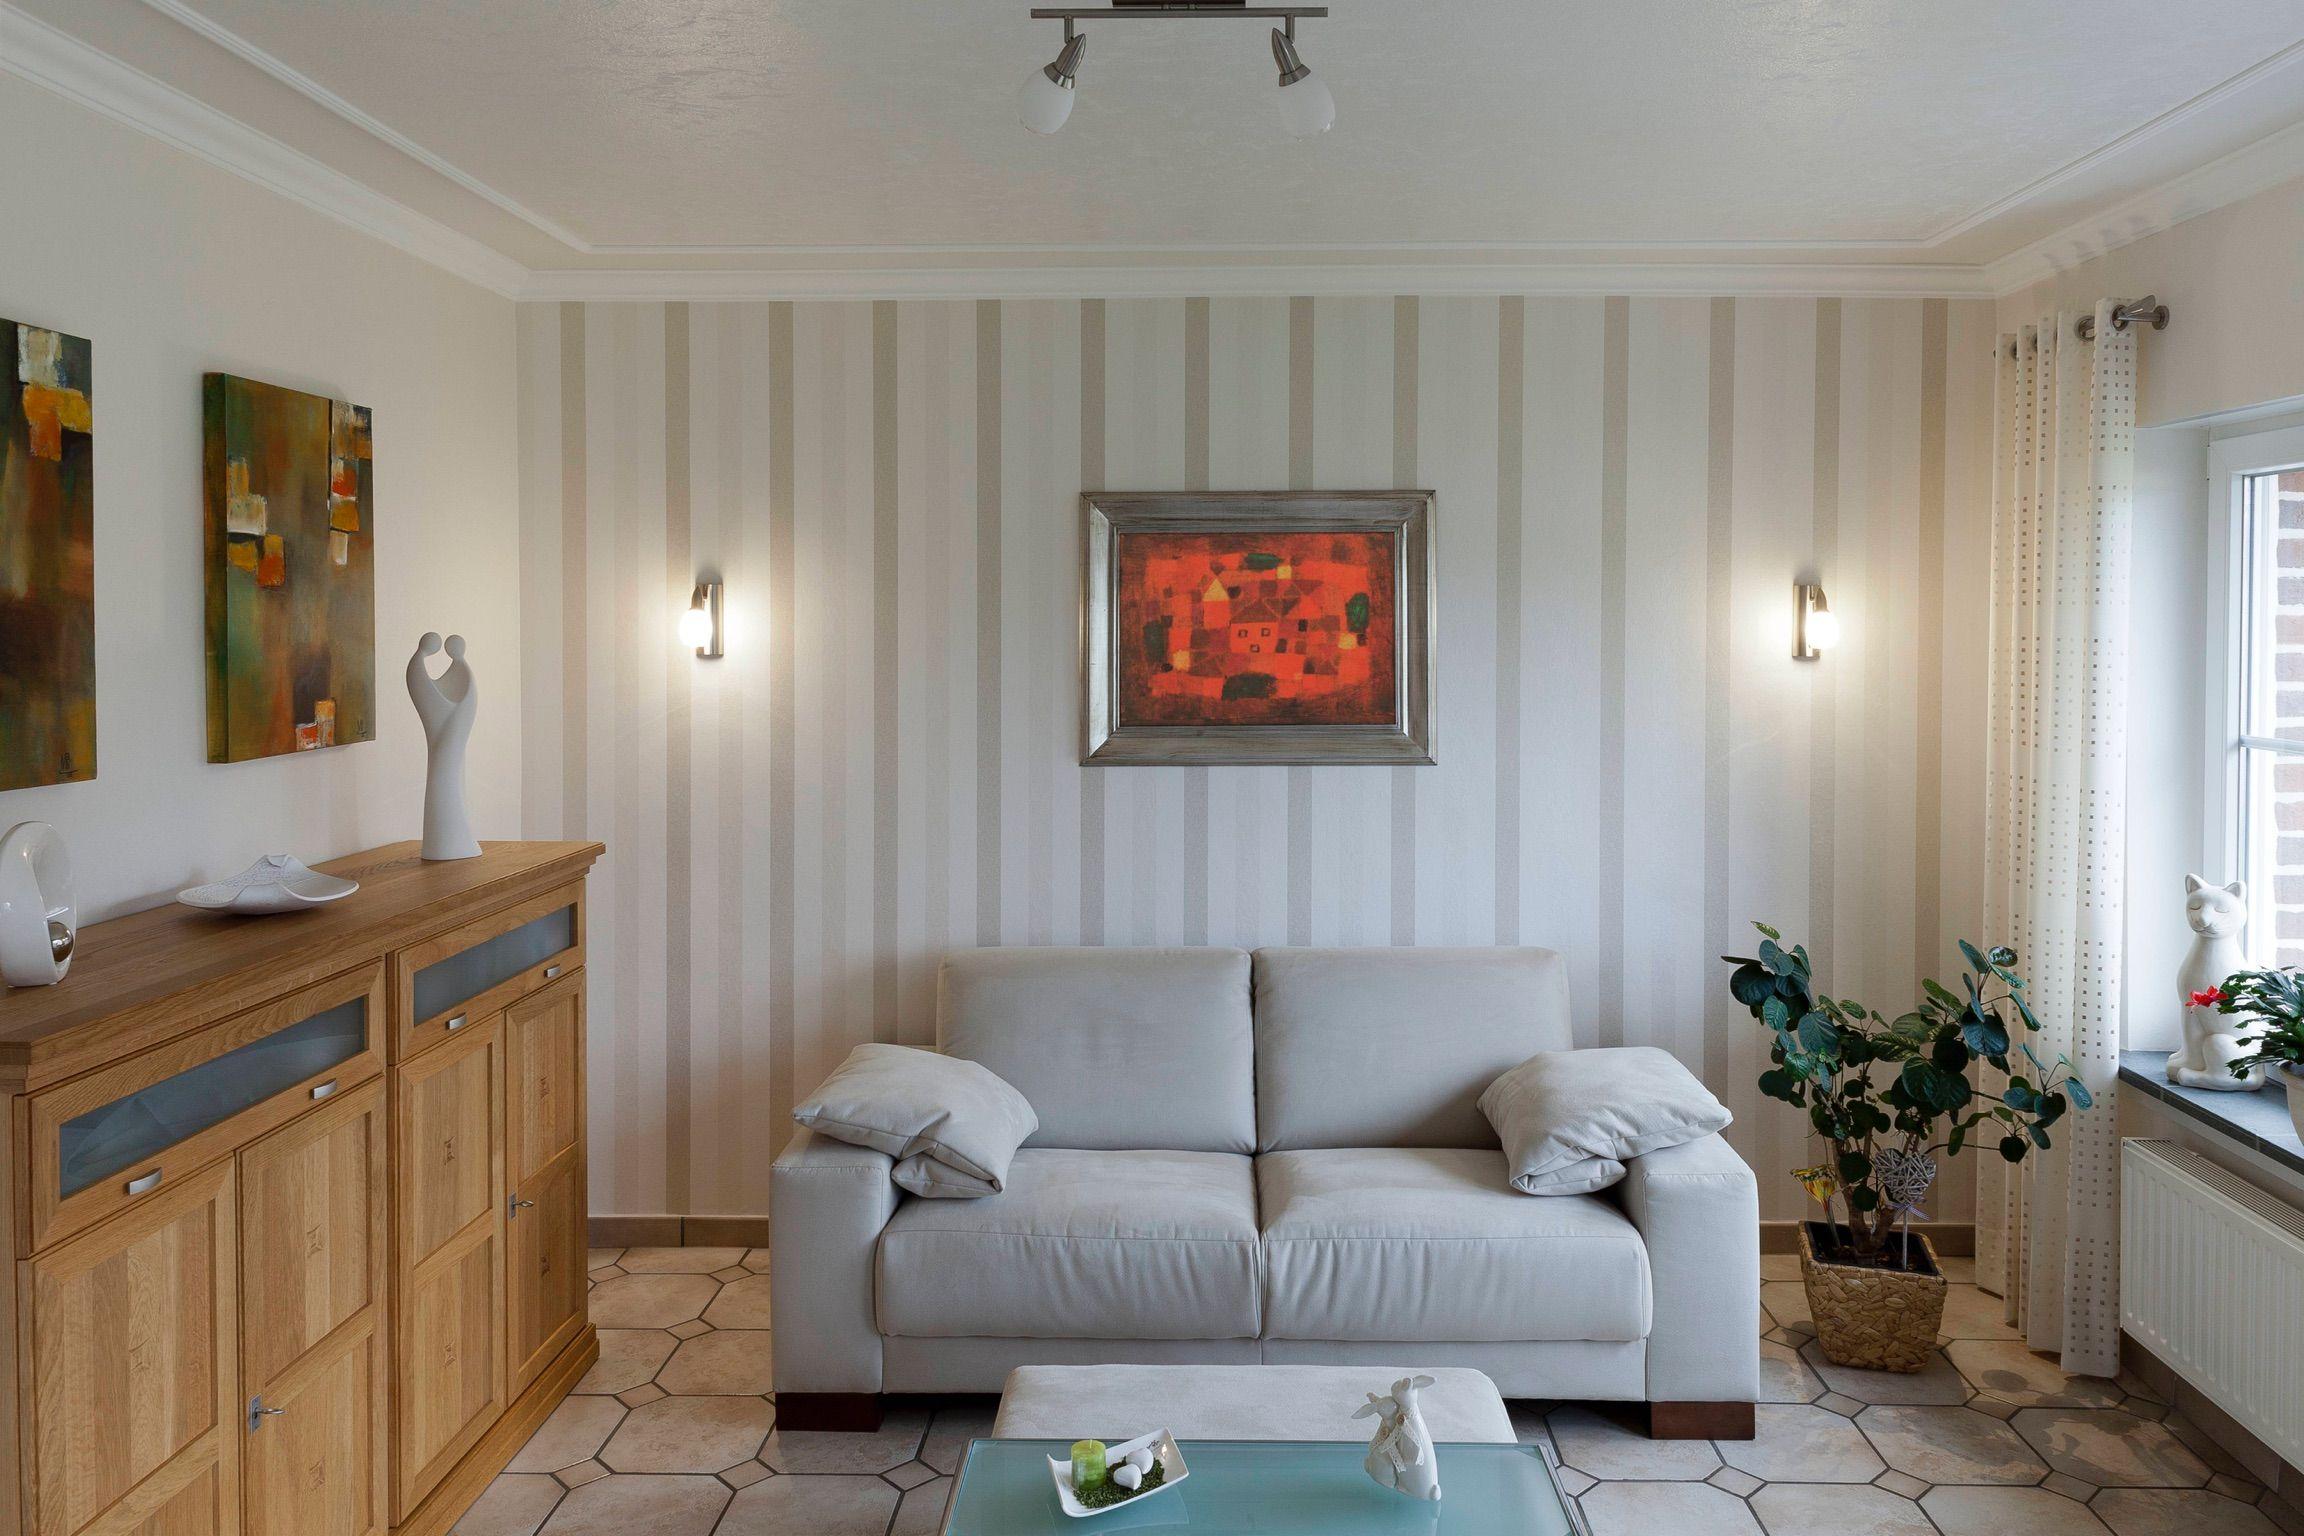 Wohnzimmer deckengestaltung mit zierprofilleisten von nmc - Wohnzimmer deckengestaltung ...